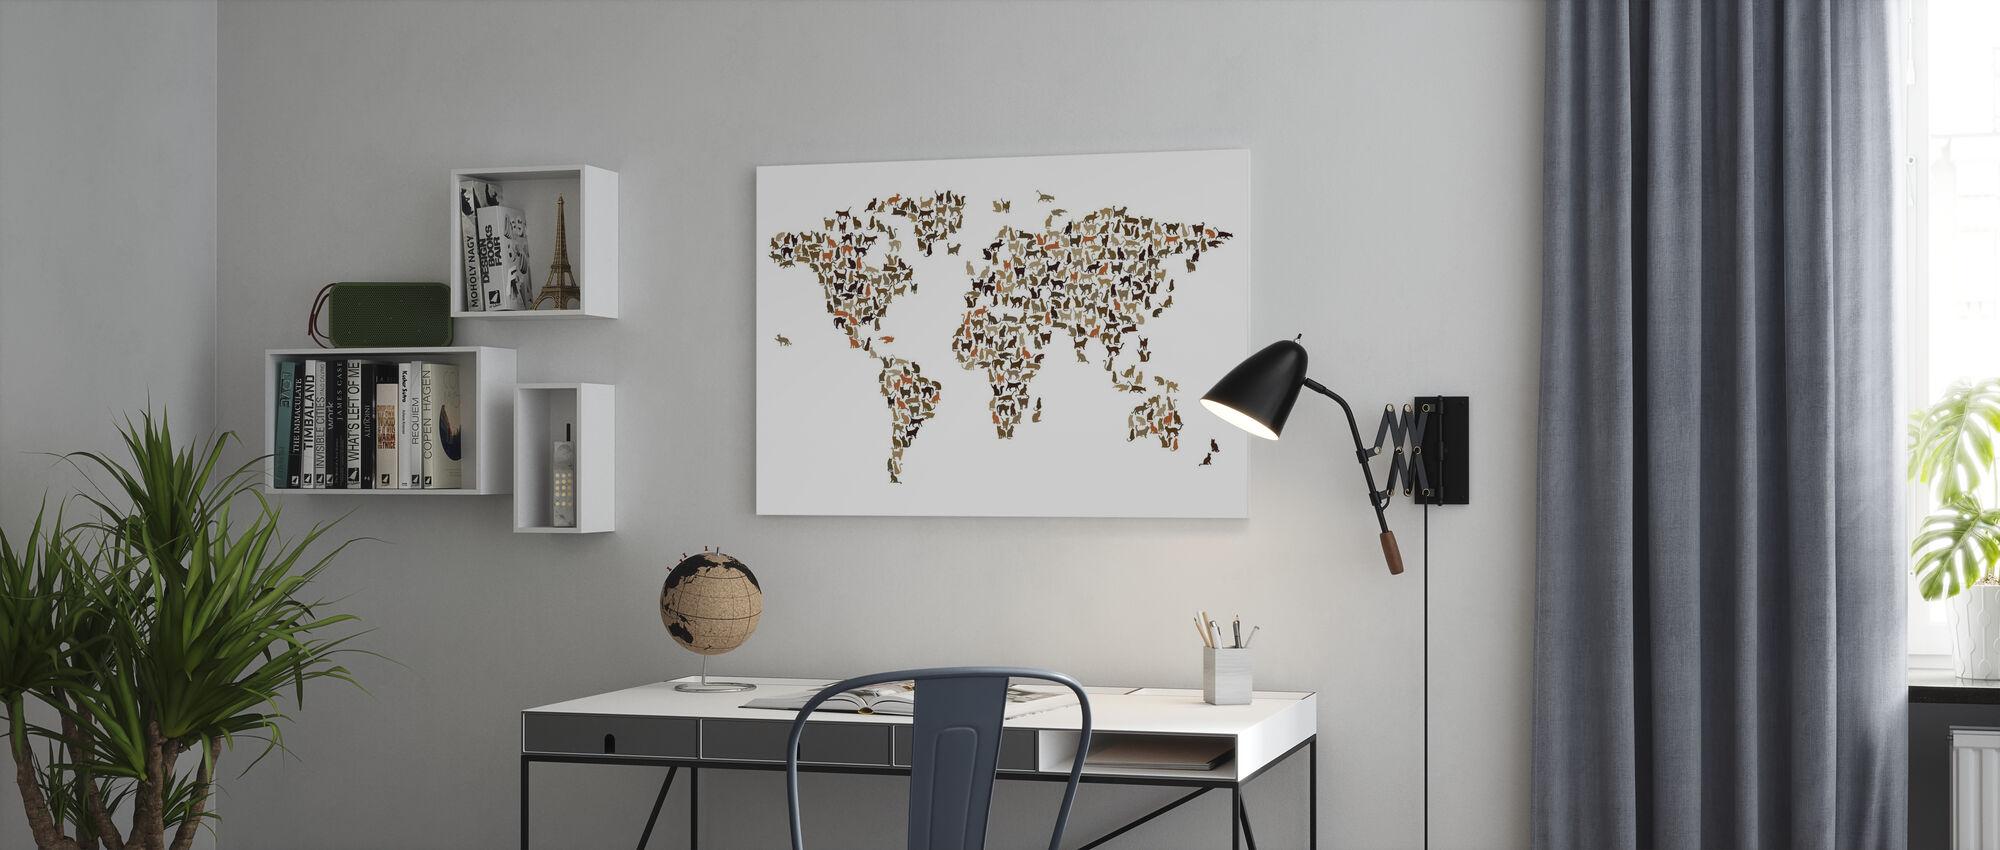 Katte verdenskort - Billede på lærred - Kontor